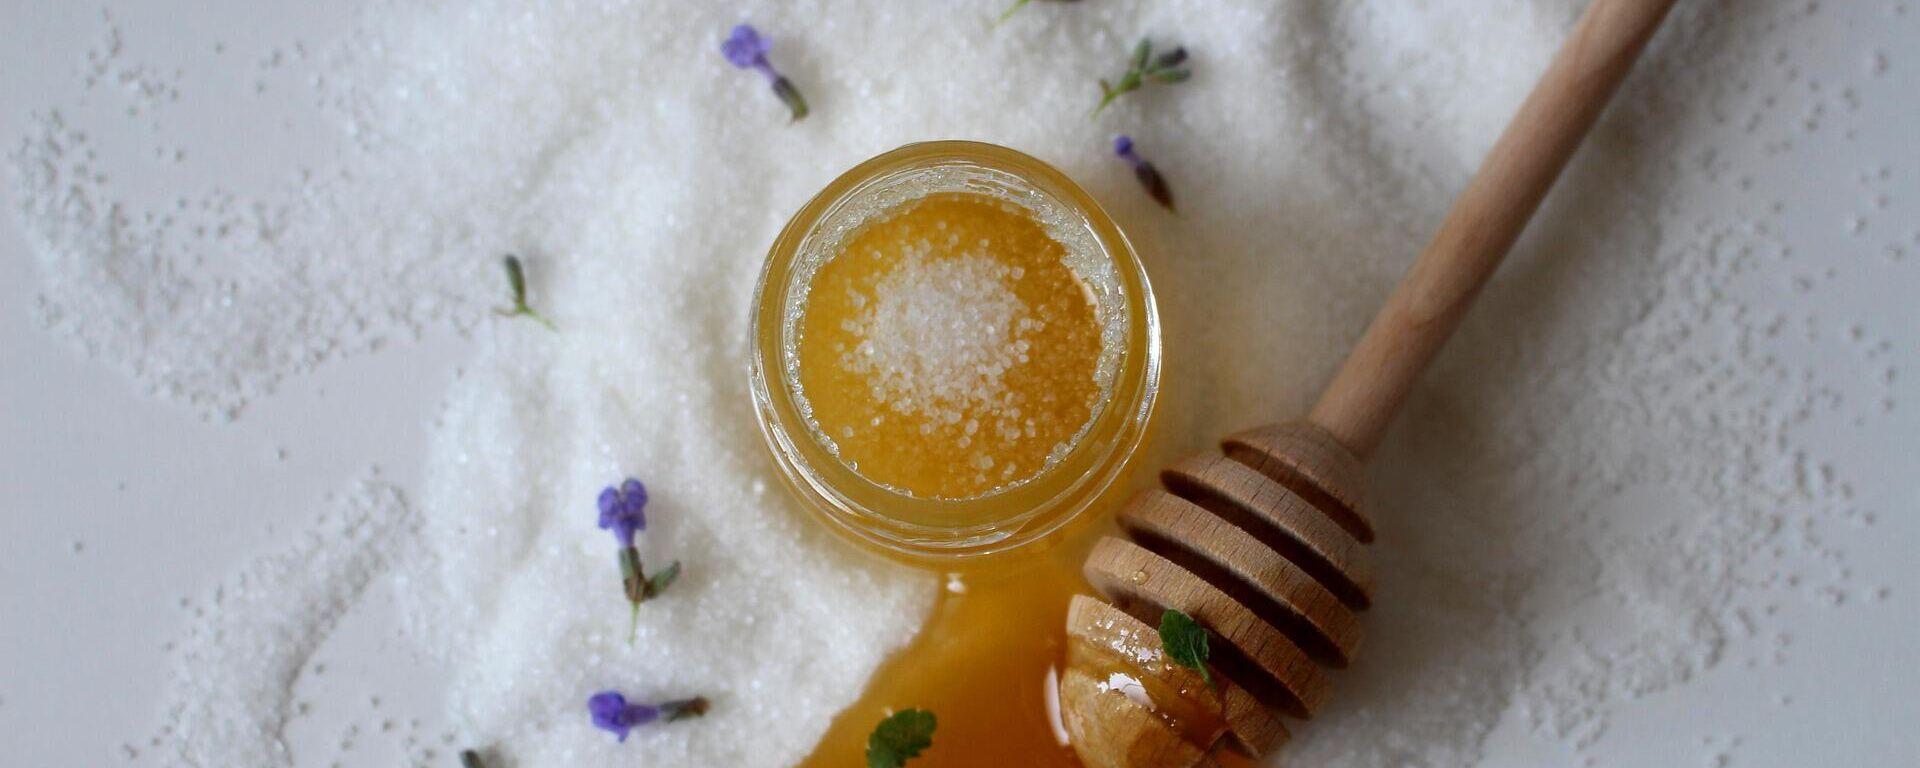 Μέλι και ζάχαρη - Sputnik Ελλάδα, 1920, 12.10.2021